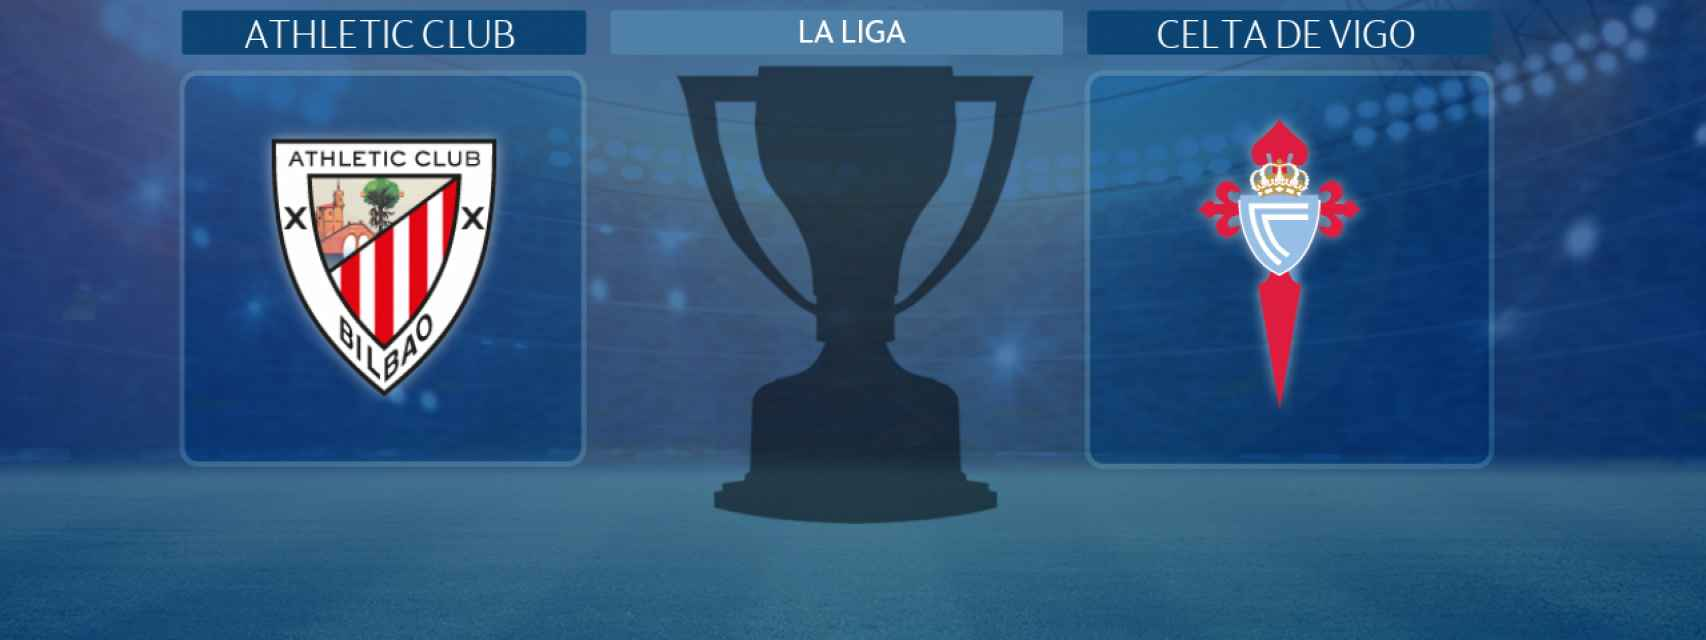 Athletic Club - Celta de Vigo, partido de La Liga